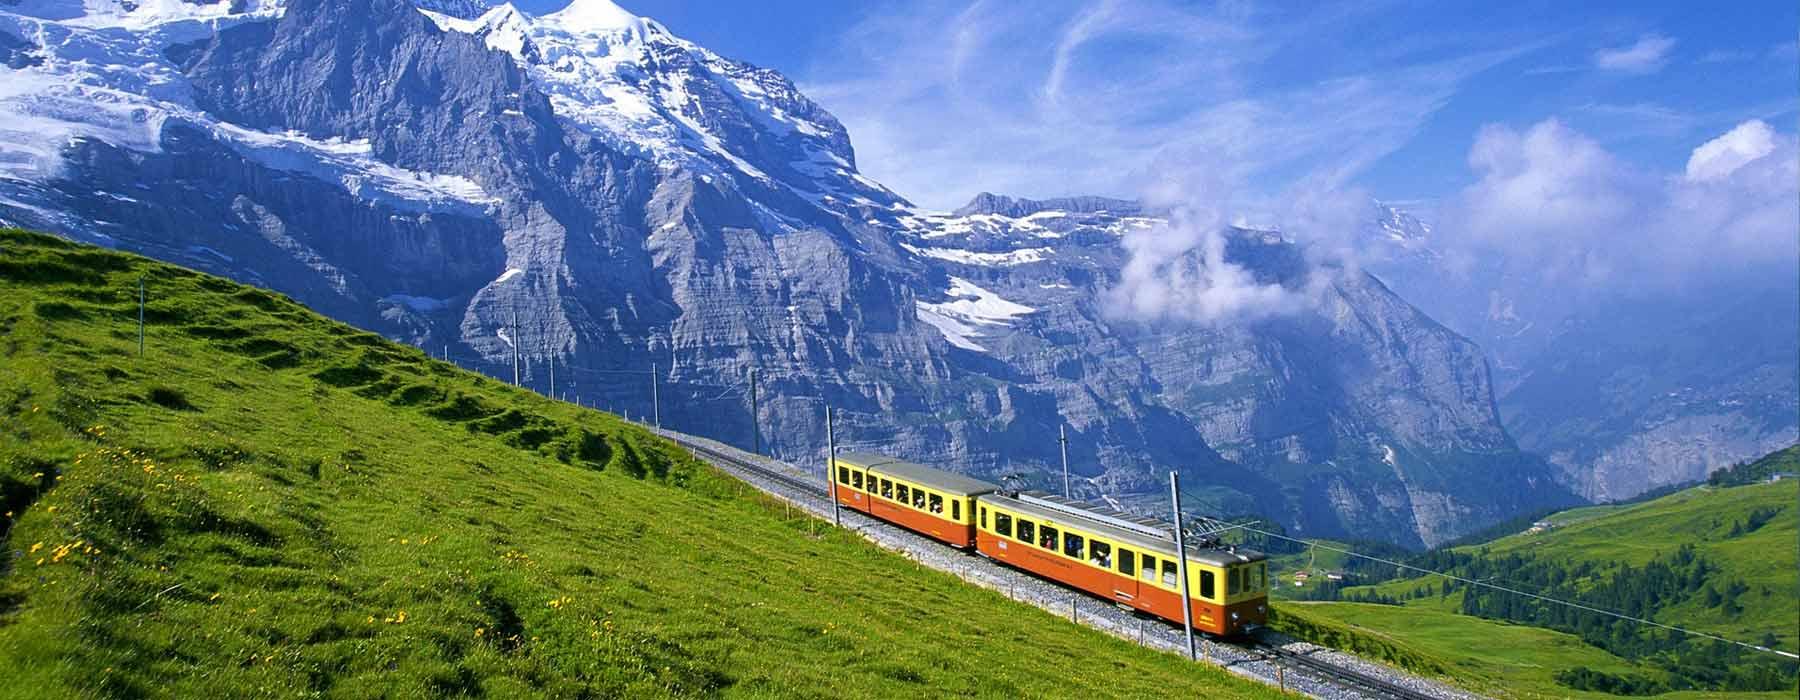 10. Darjeeling